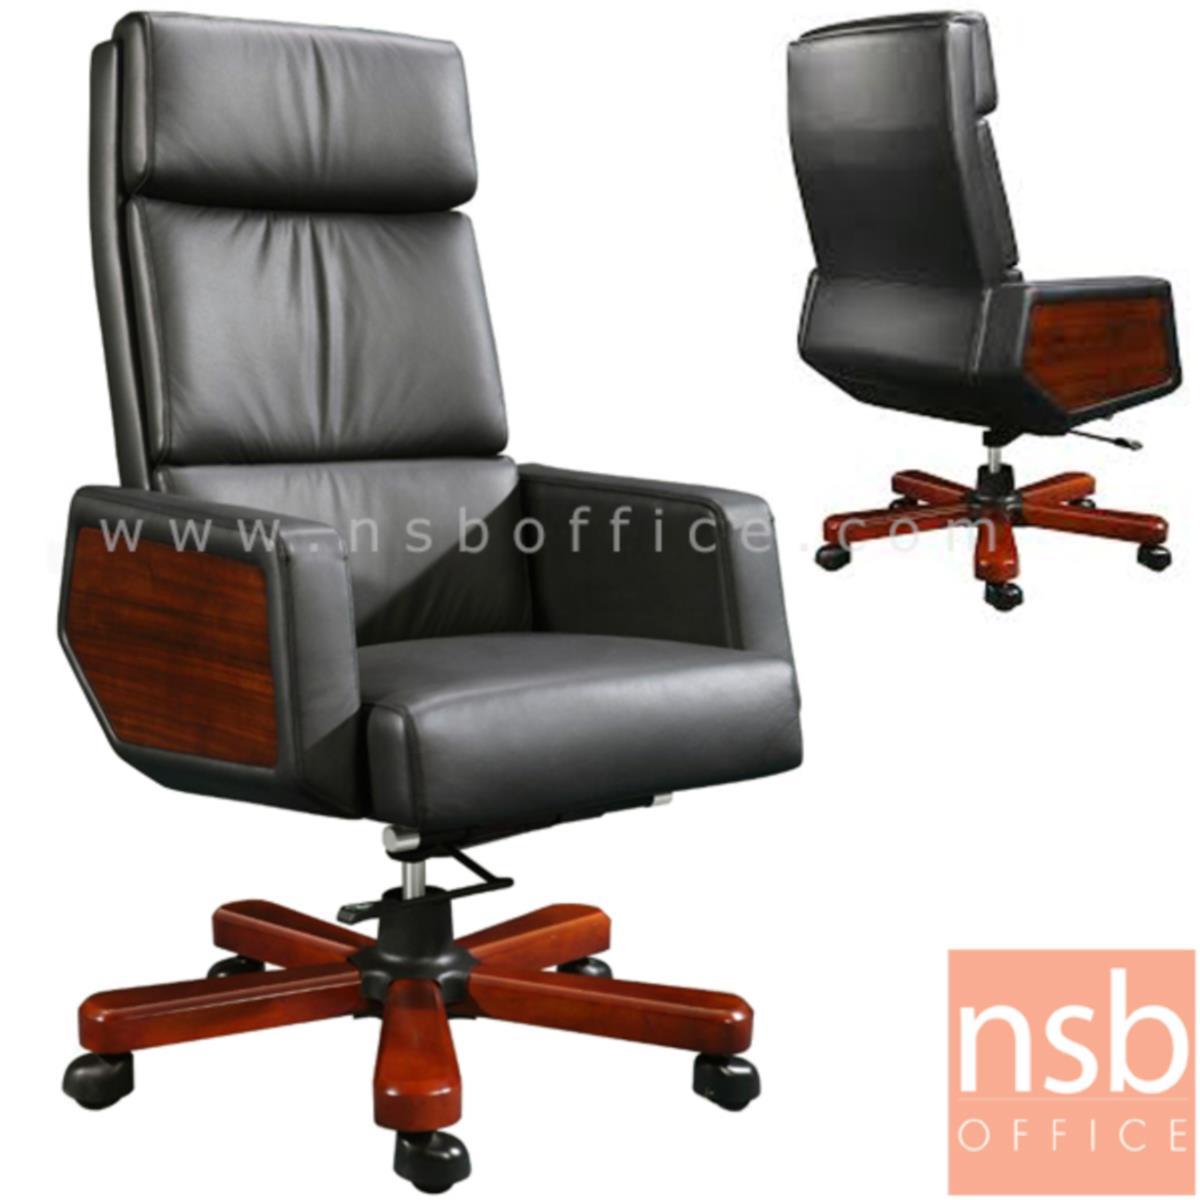 เก้าอี้ผู้บริหารหนังแท้ รุ่น LPS-315-H  โช๊คแก๊ส มีก้อนโยก ขาไม้